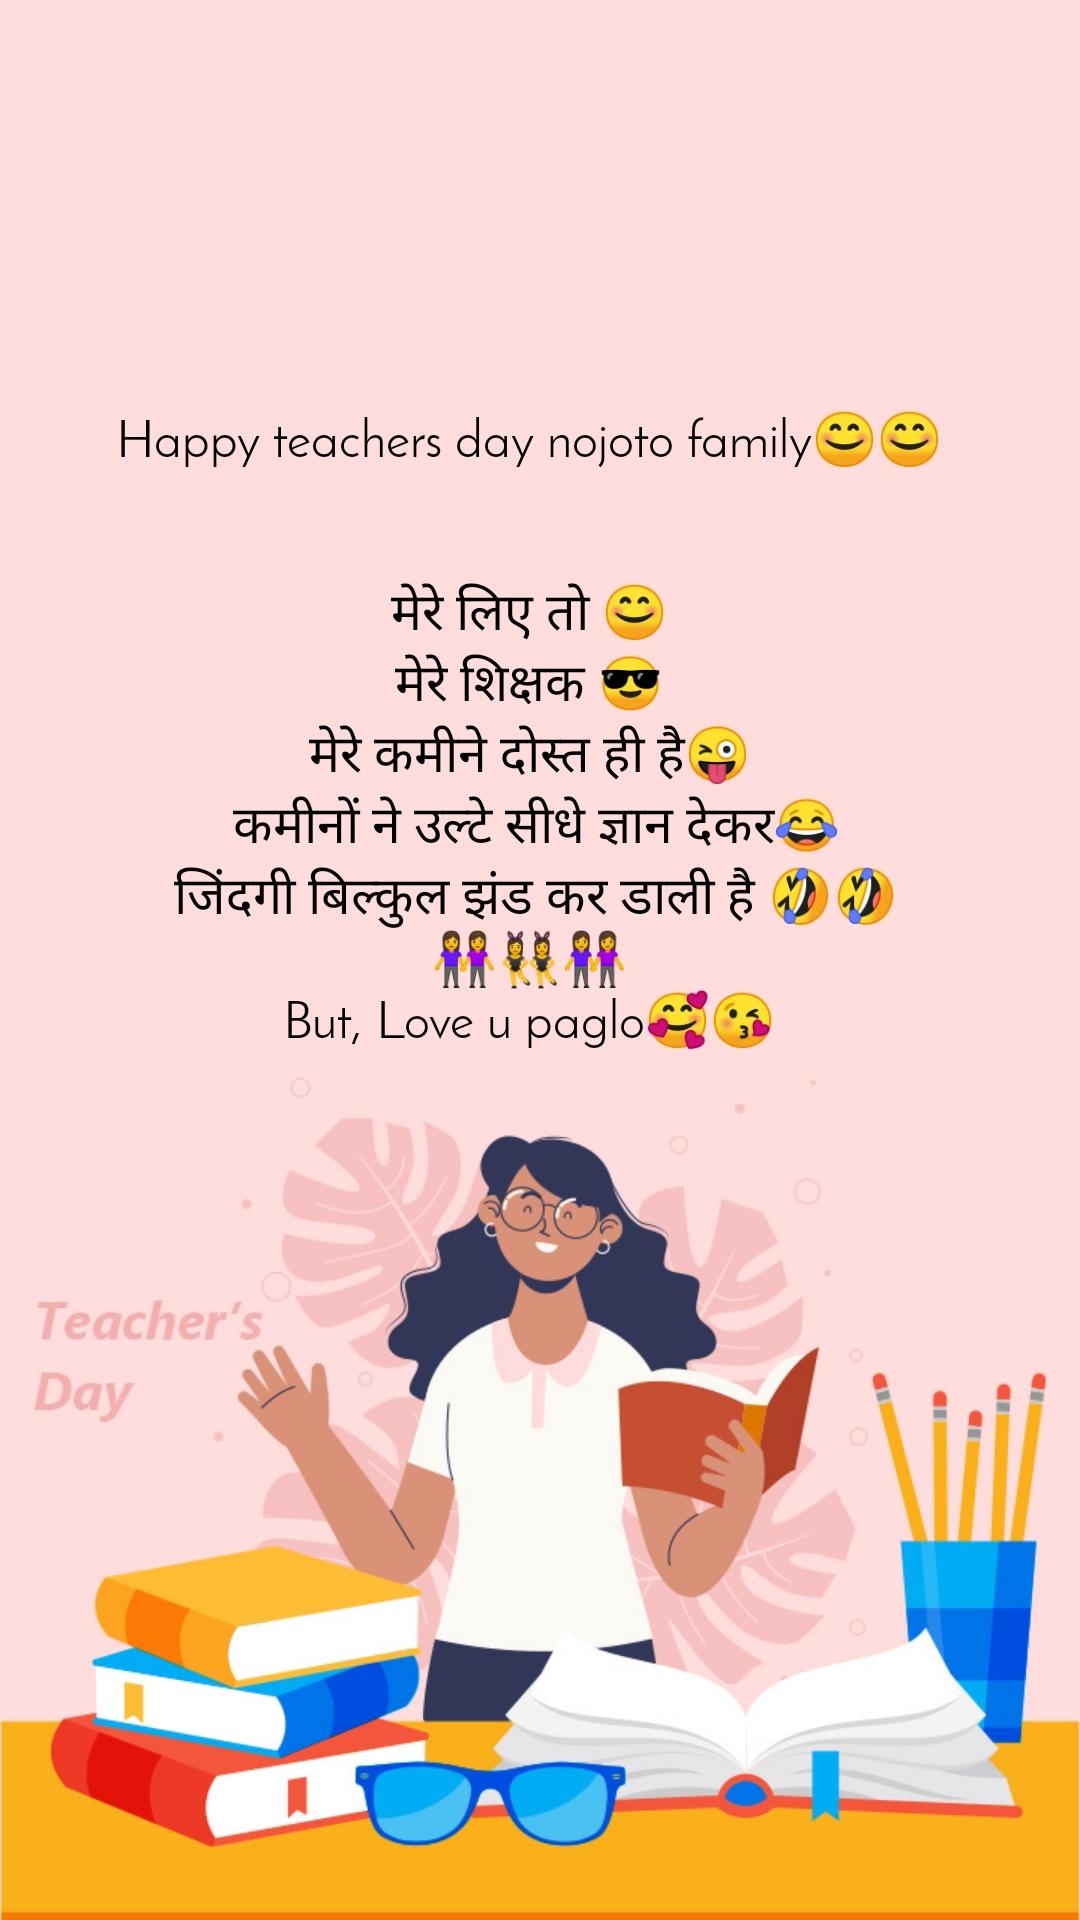 Happy teachers day nojoto family😊😊   मेरे लिए तो 😊 मेरे शिक्षक 😎 मेरे कमीने दोस्त ही है😜  कमीनों ने उल्टे सीधे ज्ञान देकर😂  जिंदगी बिल्कुल झंड कर डाली है 🤣🤣 👭👯♀️👭 But, Love u paglo🥰😘